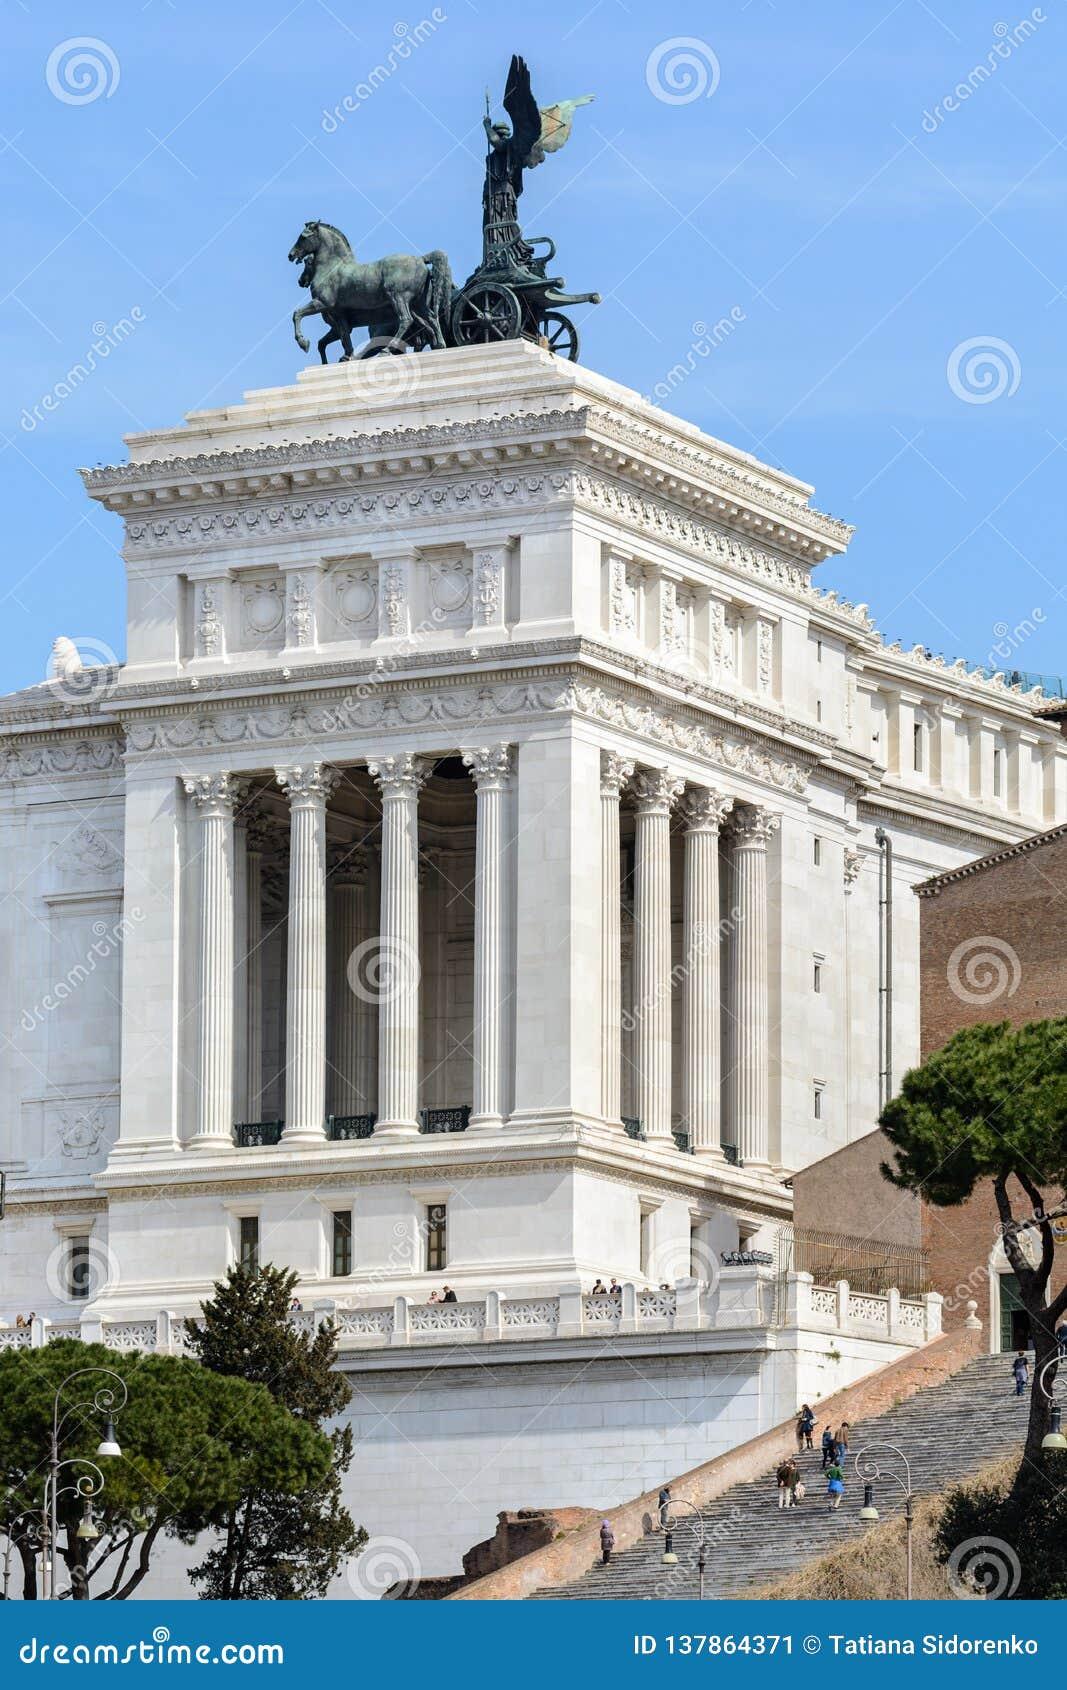 Capitol Hill En la parte central del complejo conmemorativo de Vittoriano hay una estatua ecuestre de bronce de Victor Emmanuel I